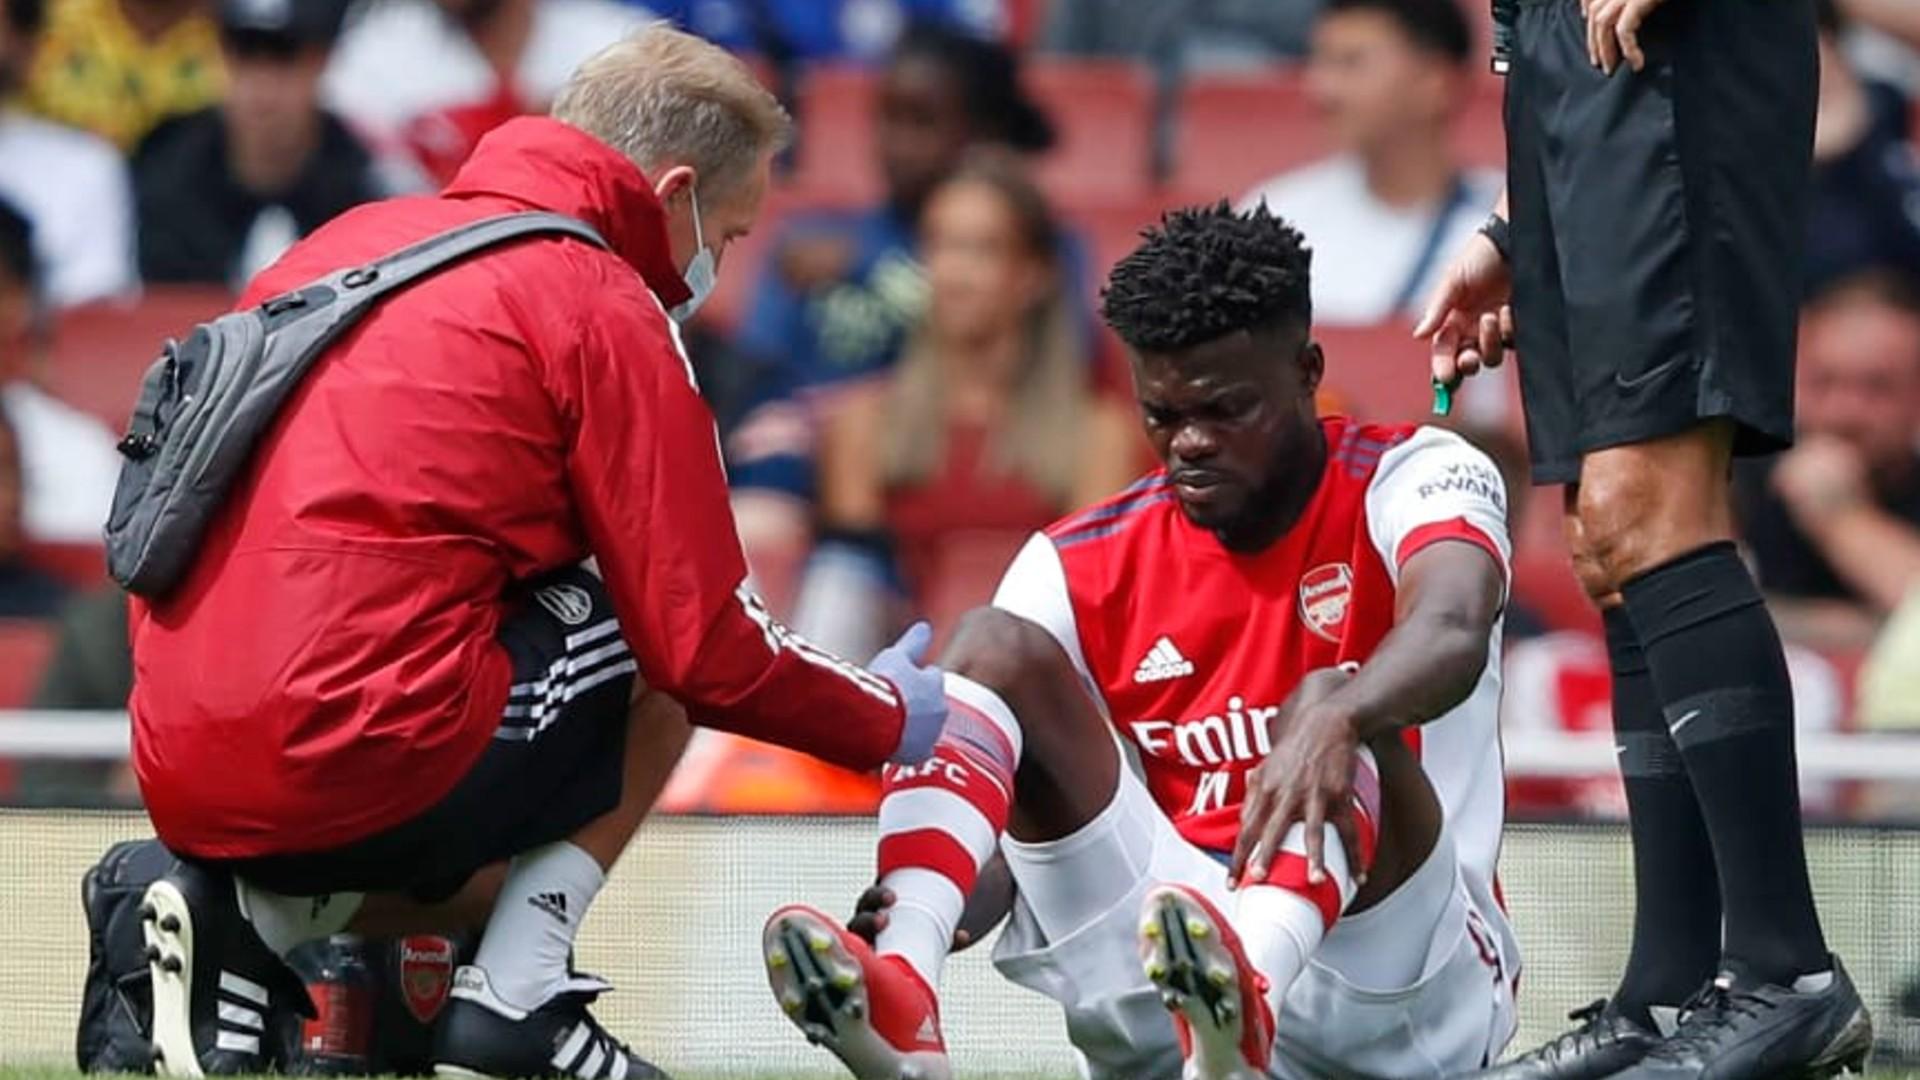 'It's not looking good' – Arsenal boss Arteta on Partey injury